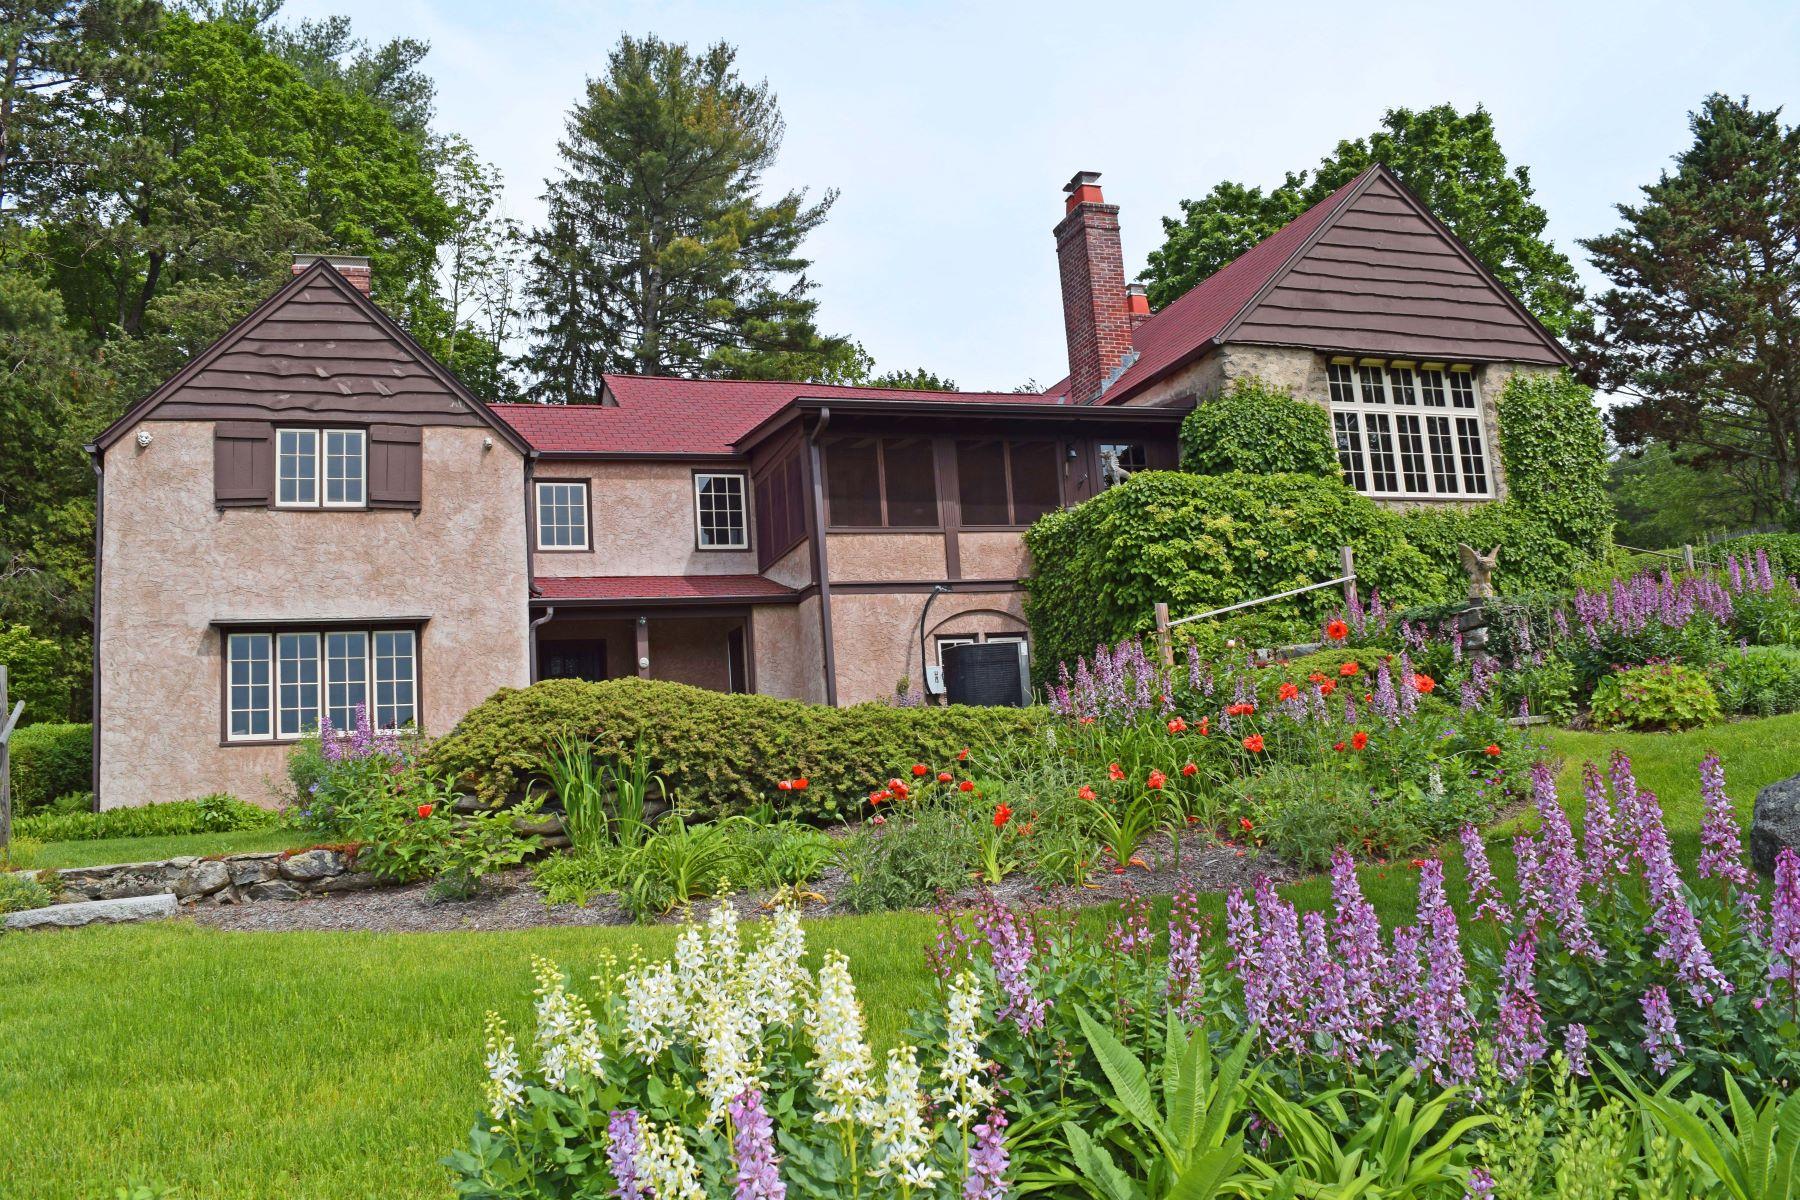 Villa per Vendita alle ore 1910 Country Property 40 Bolton Road Harvard, Massachusetts, 01451 Stati Uniti